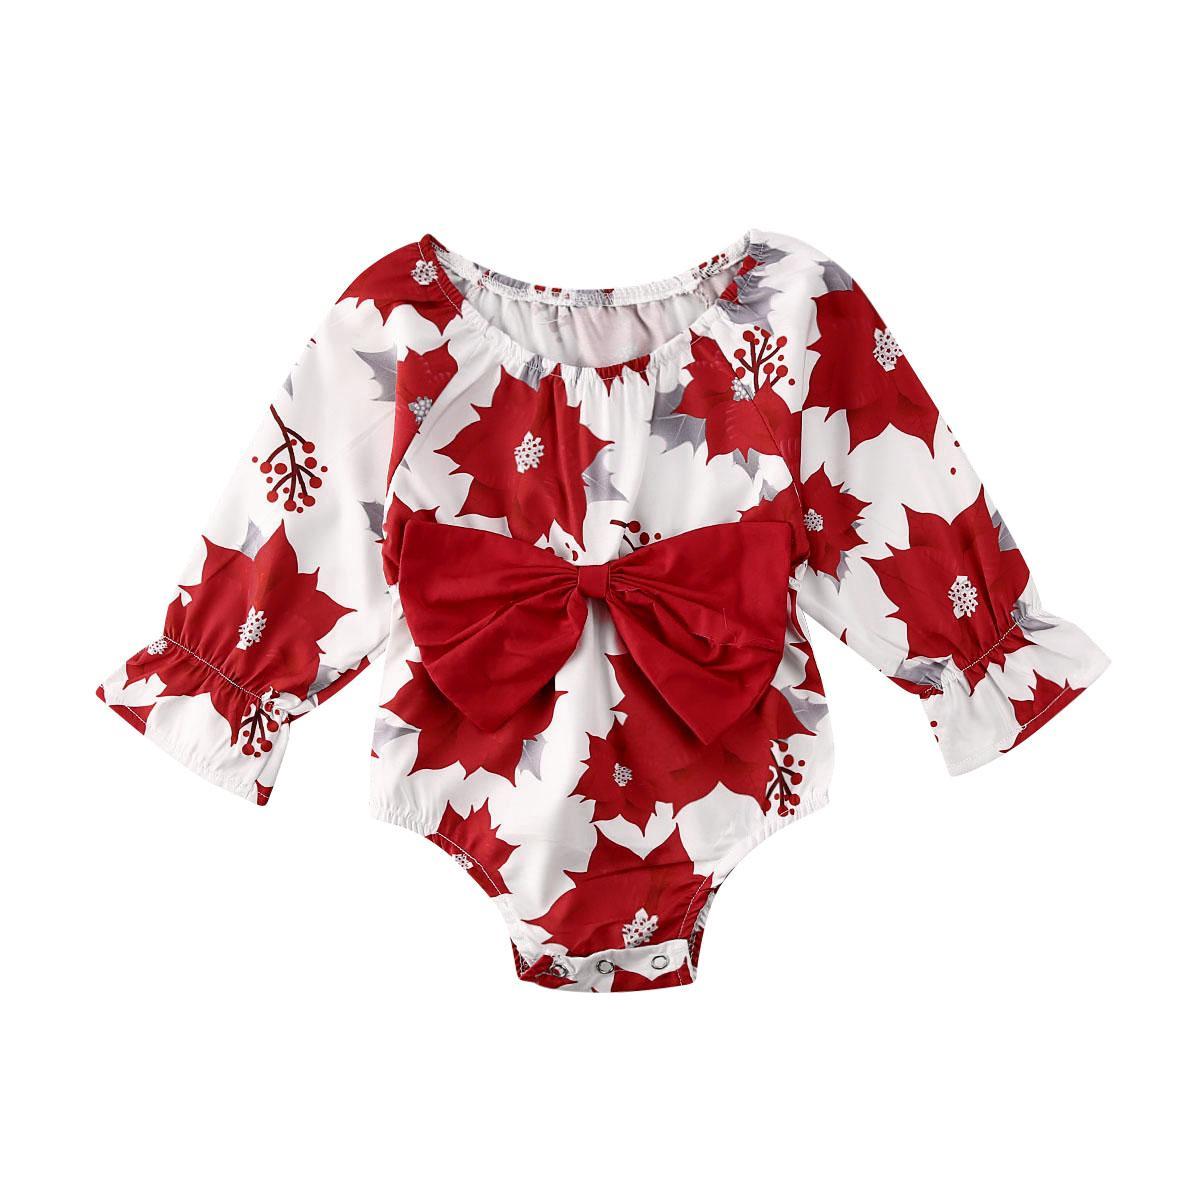 Bambino di Natale per bambini neonata tute dei vestiti di Bowknot increspature a maniche lunghe stampa floreale tuta Outfit